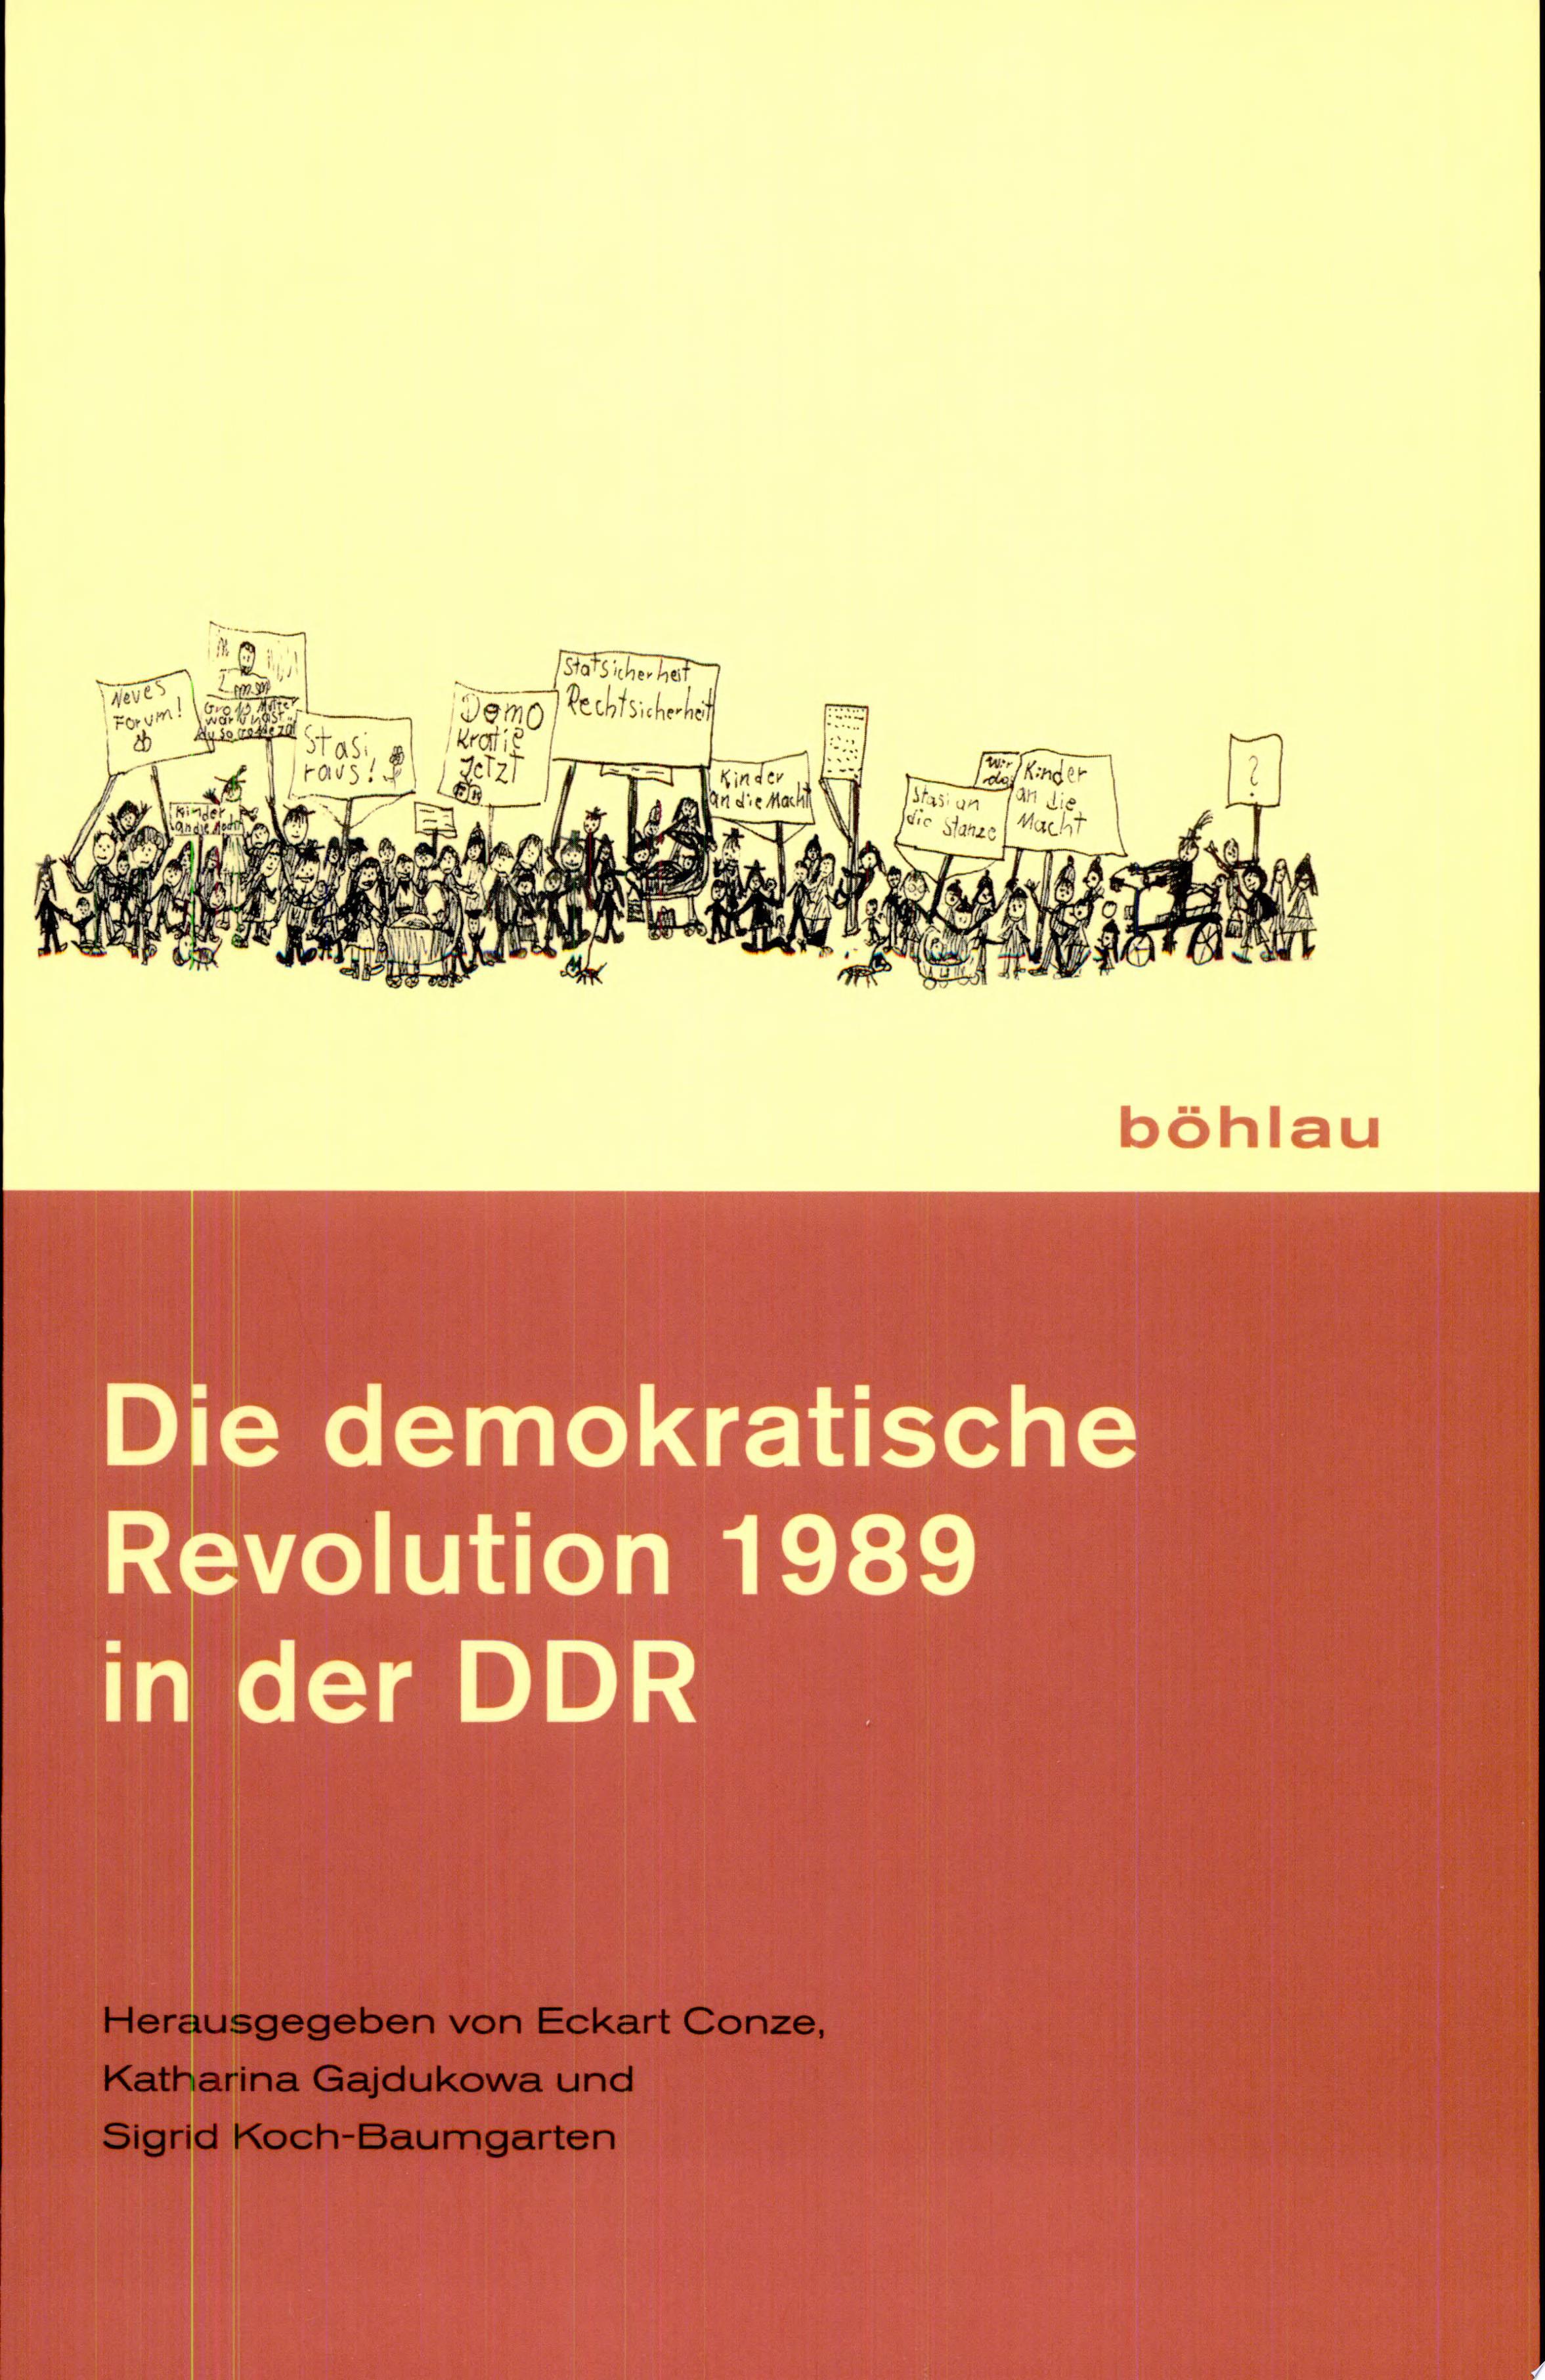 Die demokratische Revolution 1989 in der DDR